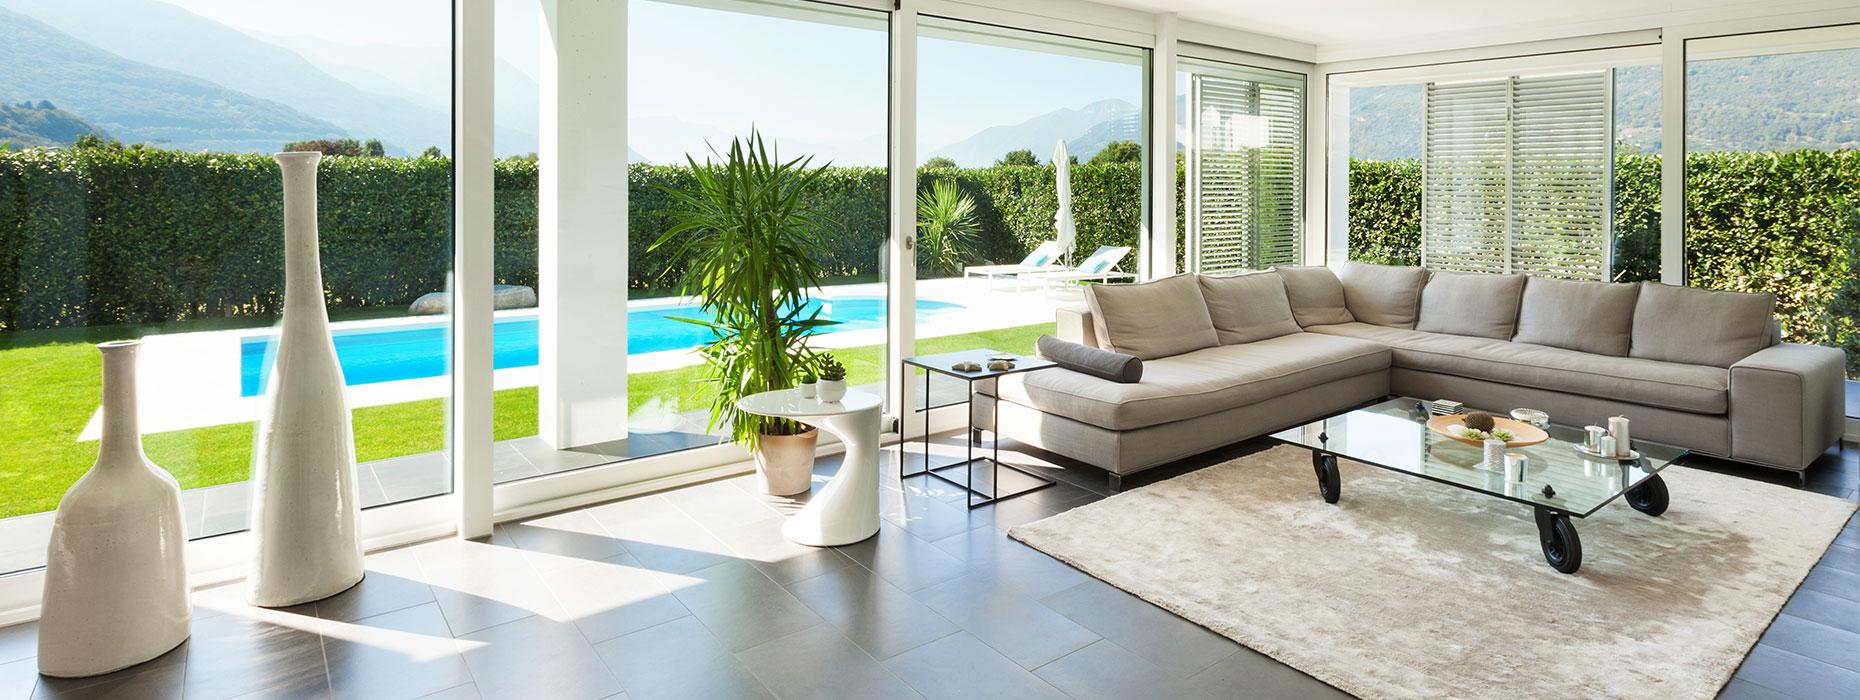 Pavimenti In Vetro Per Esterni porte in vetro a bergamo per interni e esterni